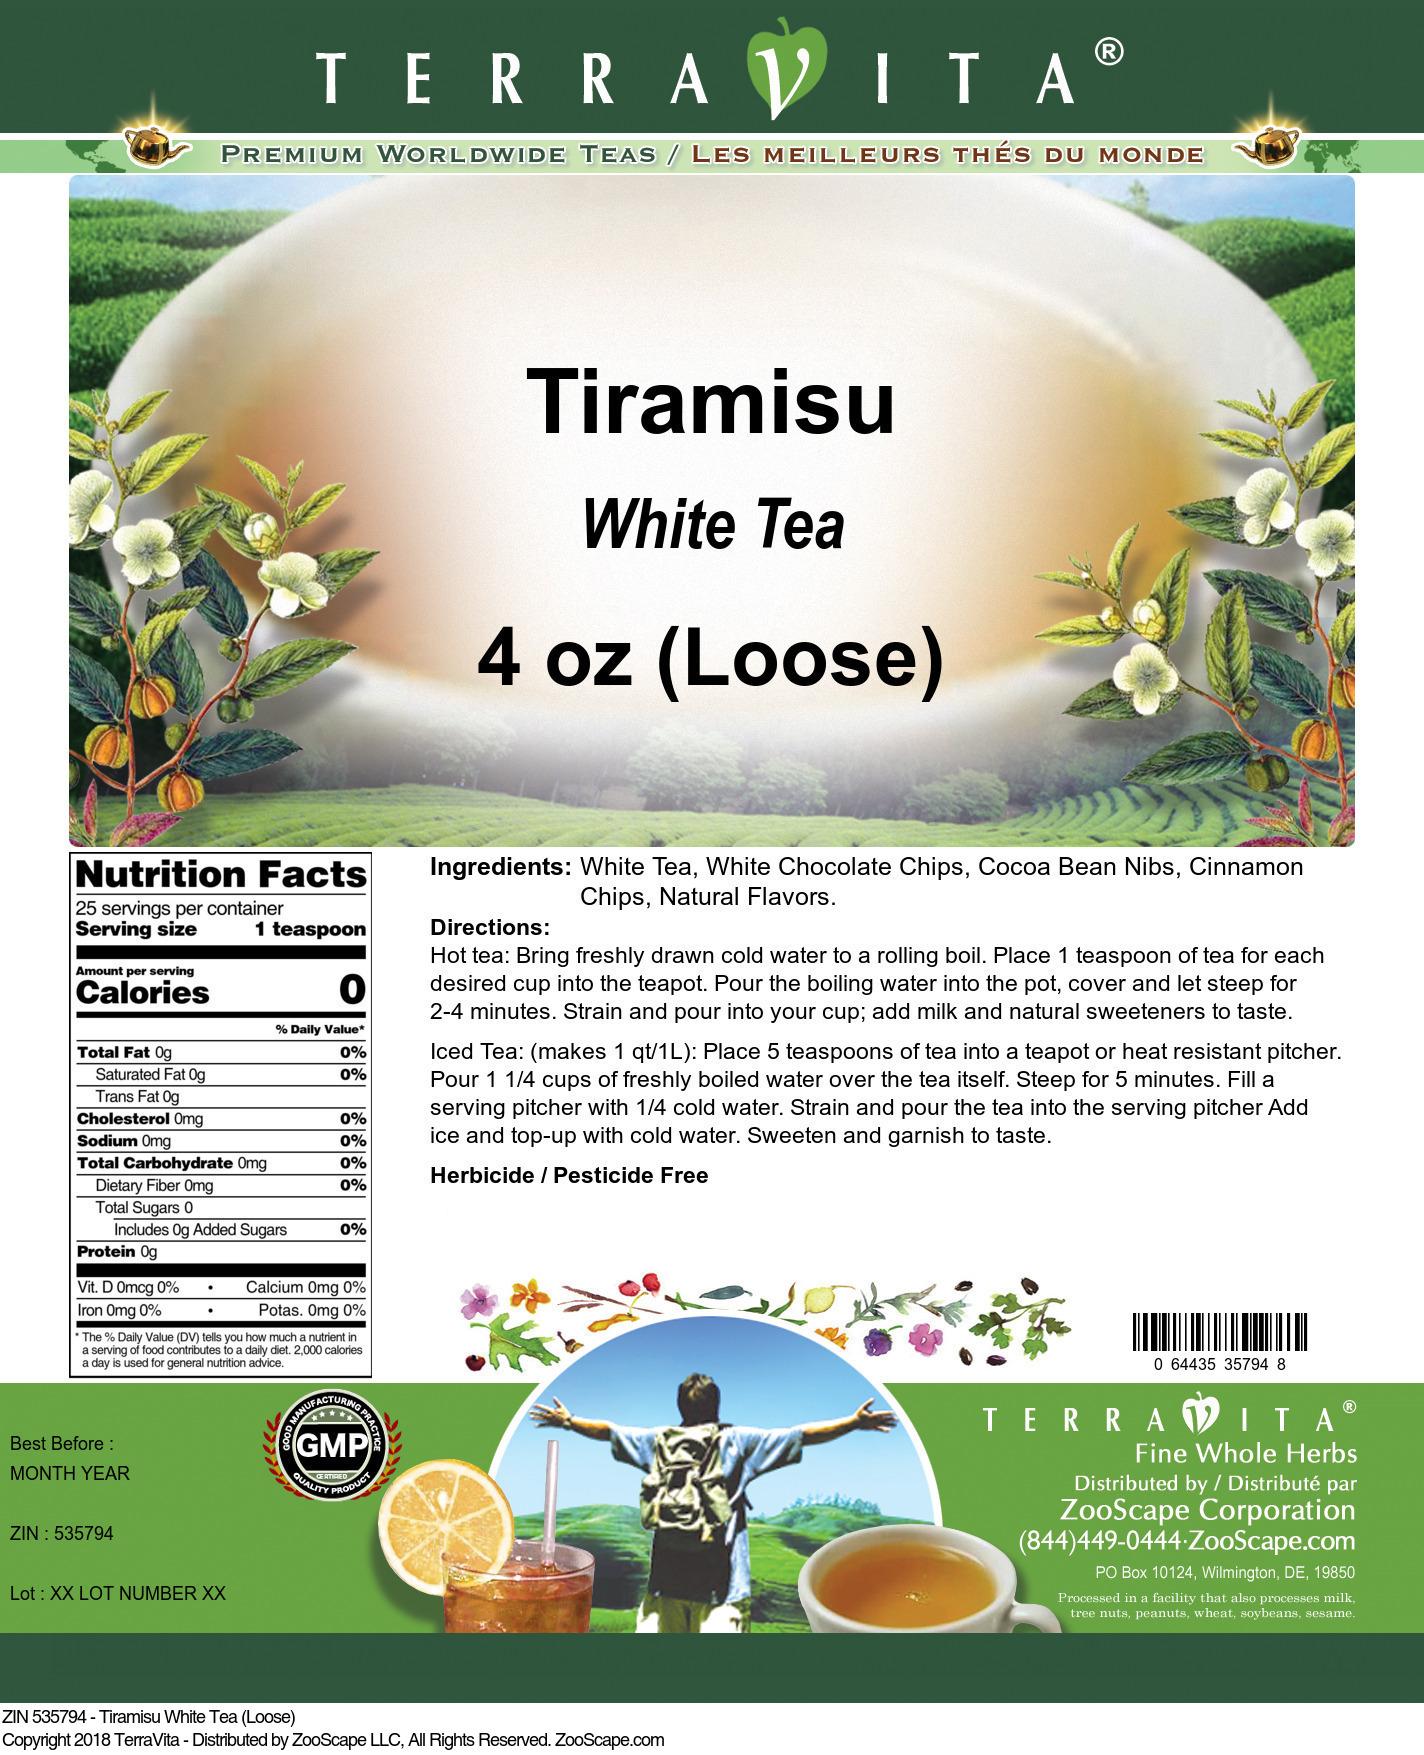 Tiramisu White Tea (Loose)